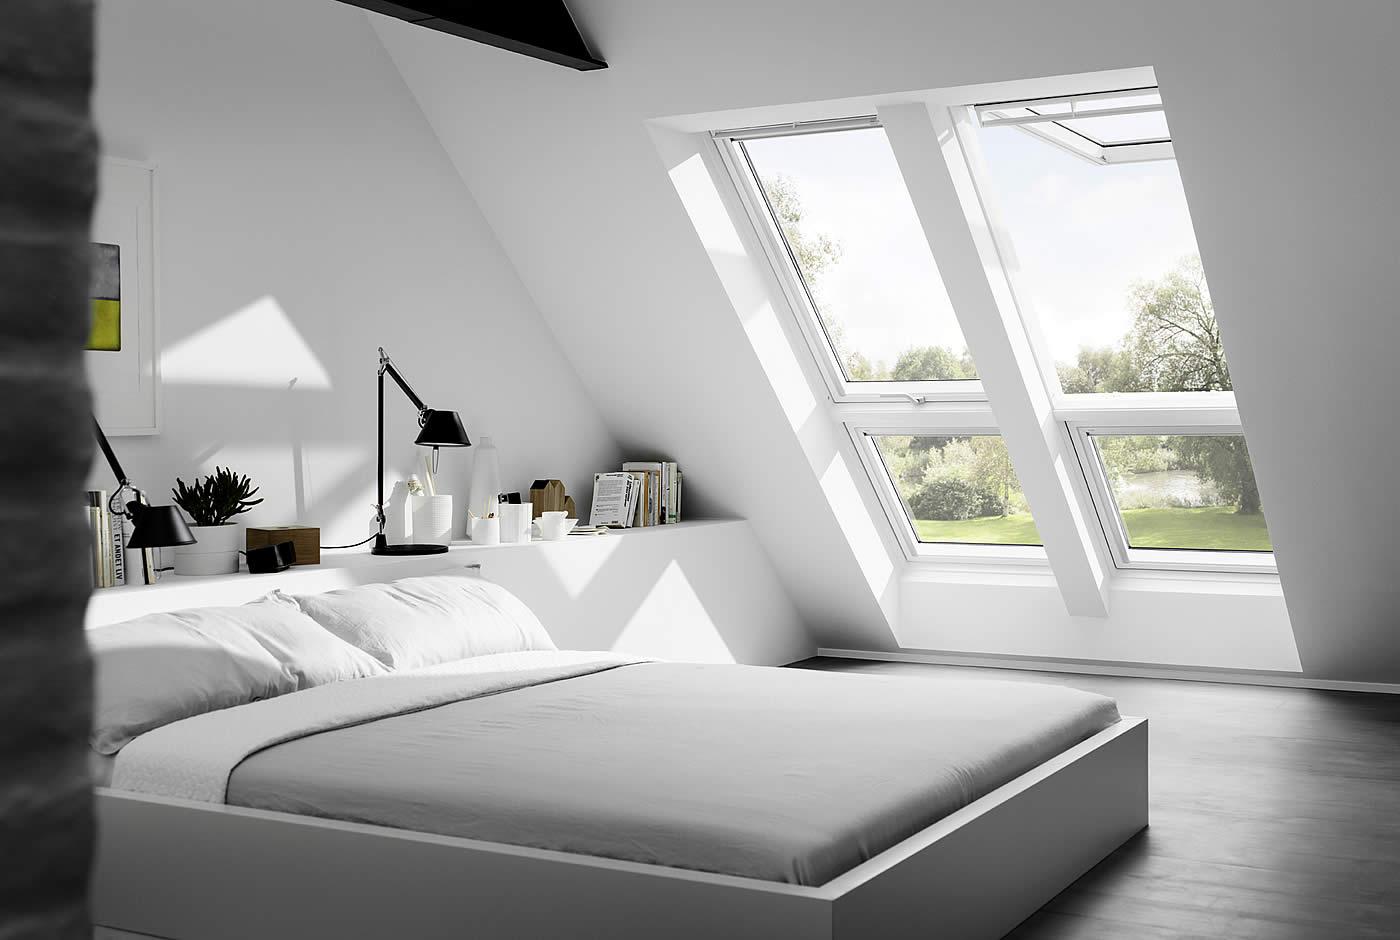 Full Size of Velux Fenster Fototapete Beleuchtung Anthrazit Günstige Sonnenschutz Außen Einbruchschutz Nachrüsten Sicherheitsfolie Test Austauschen Kosten Fenster Velux Fenster